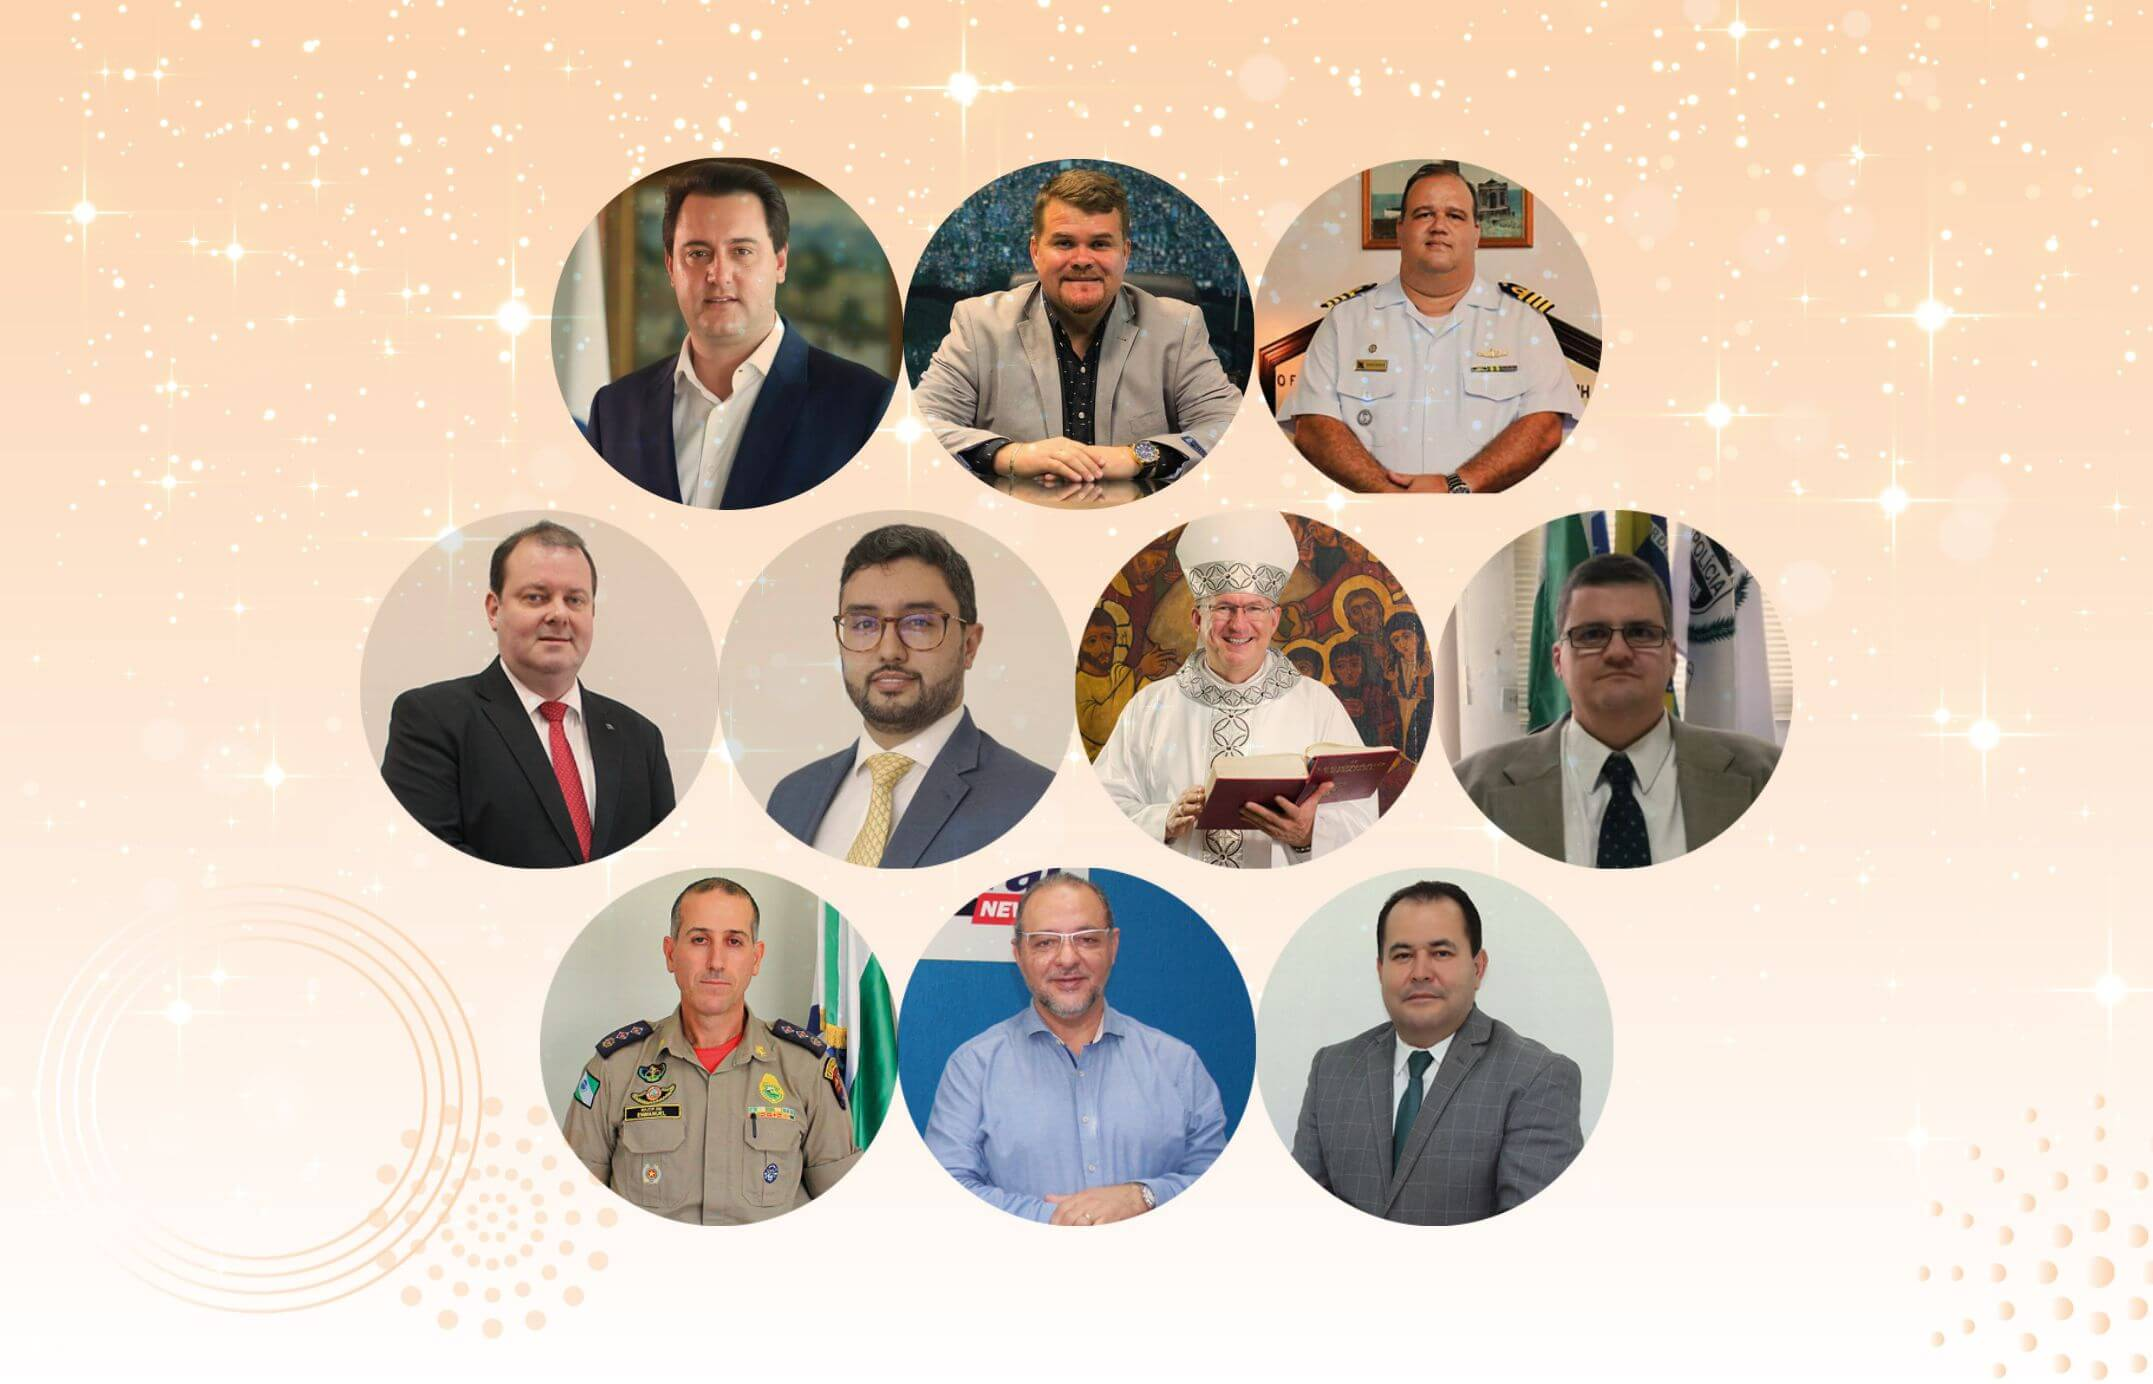 Autoridades e personalidades deixam votos de feliz Ano-Novo